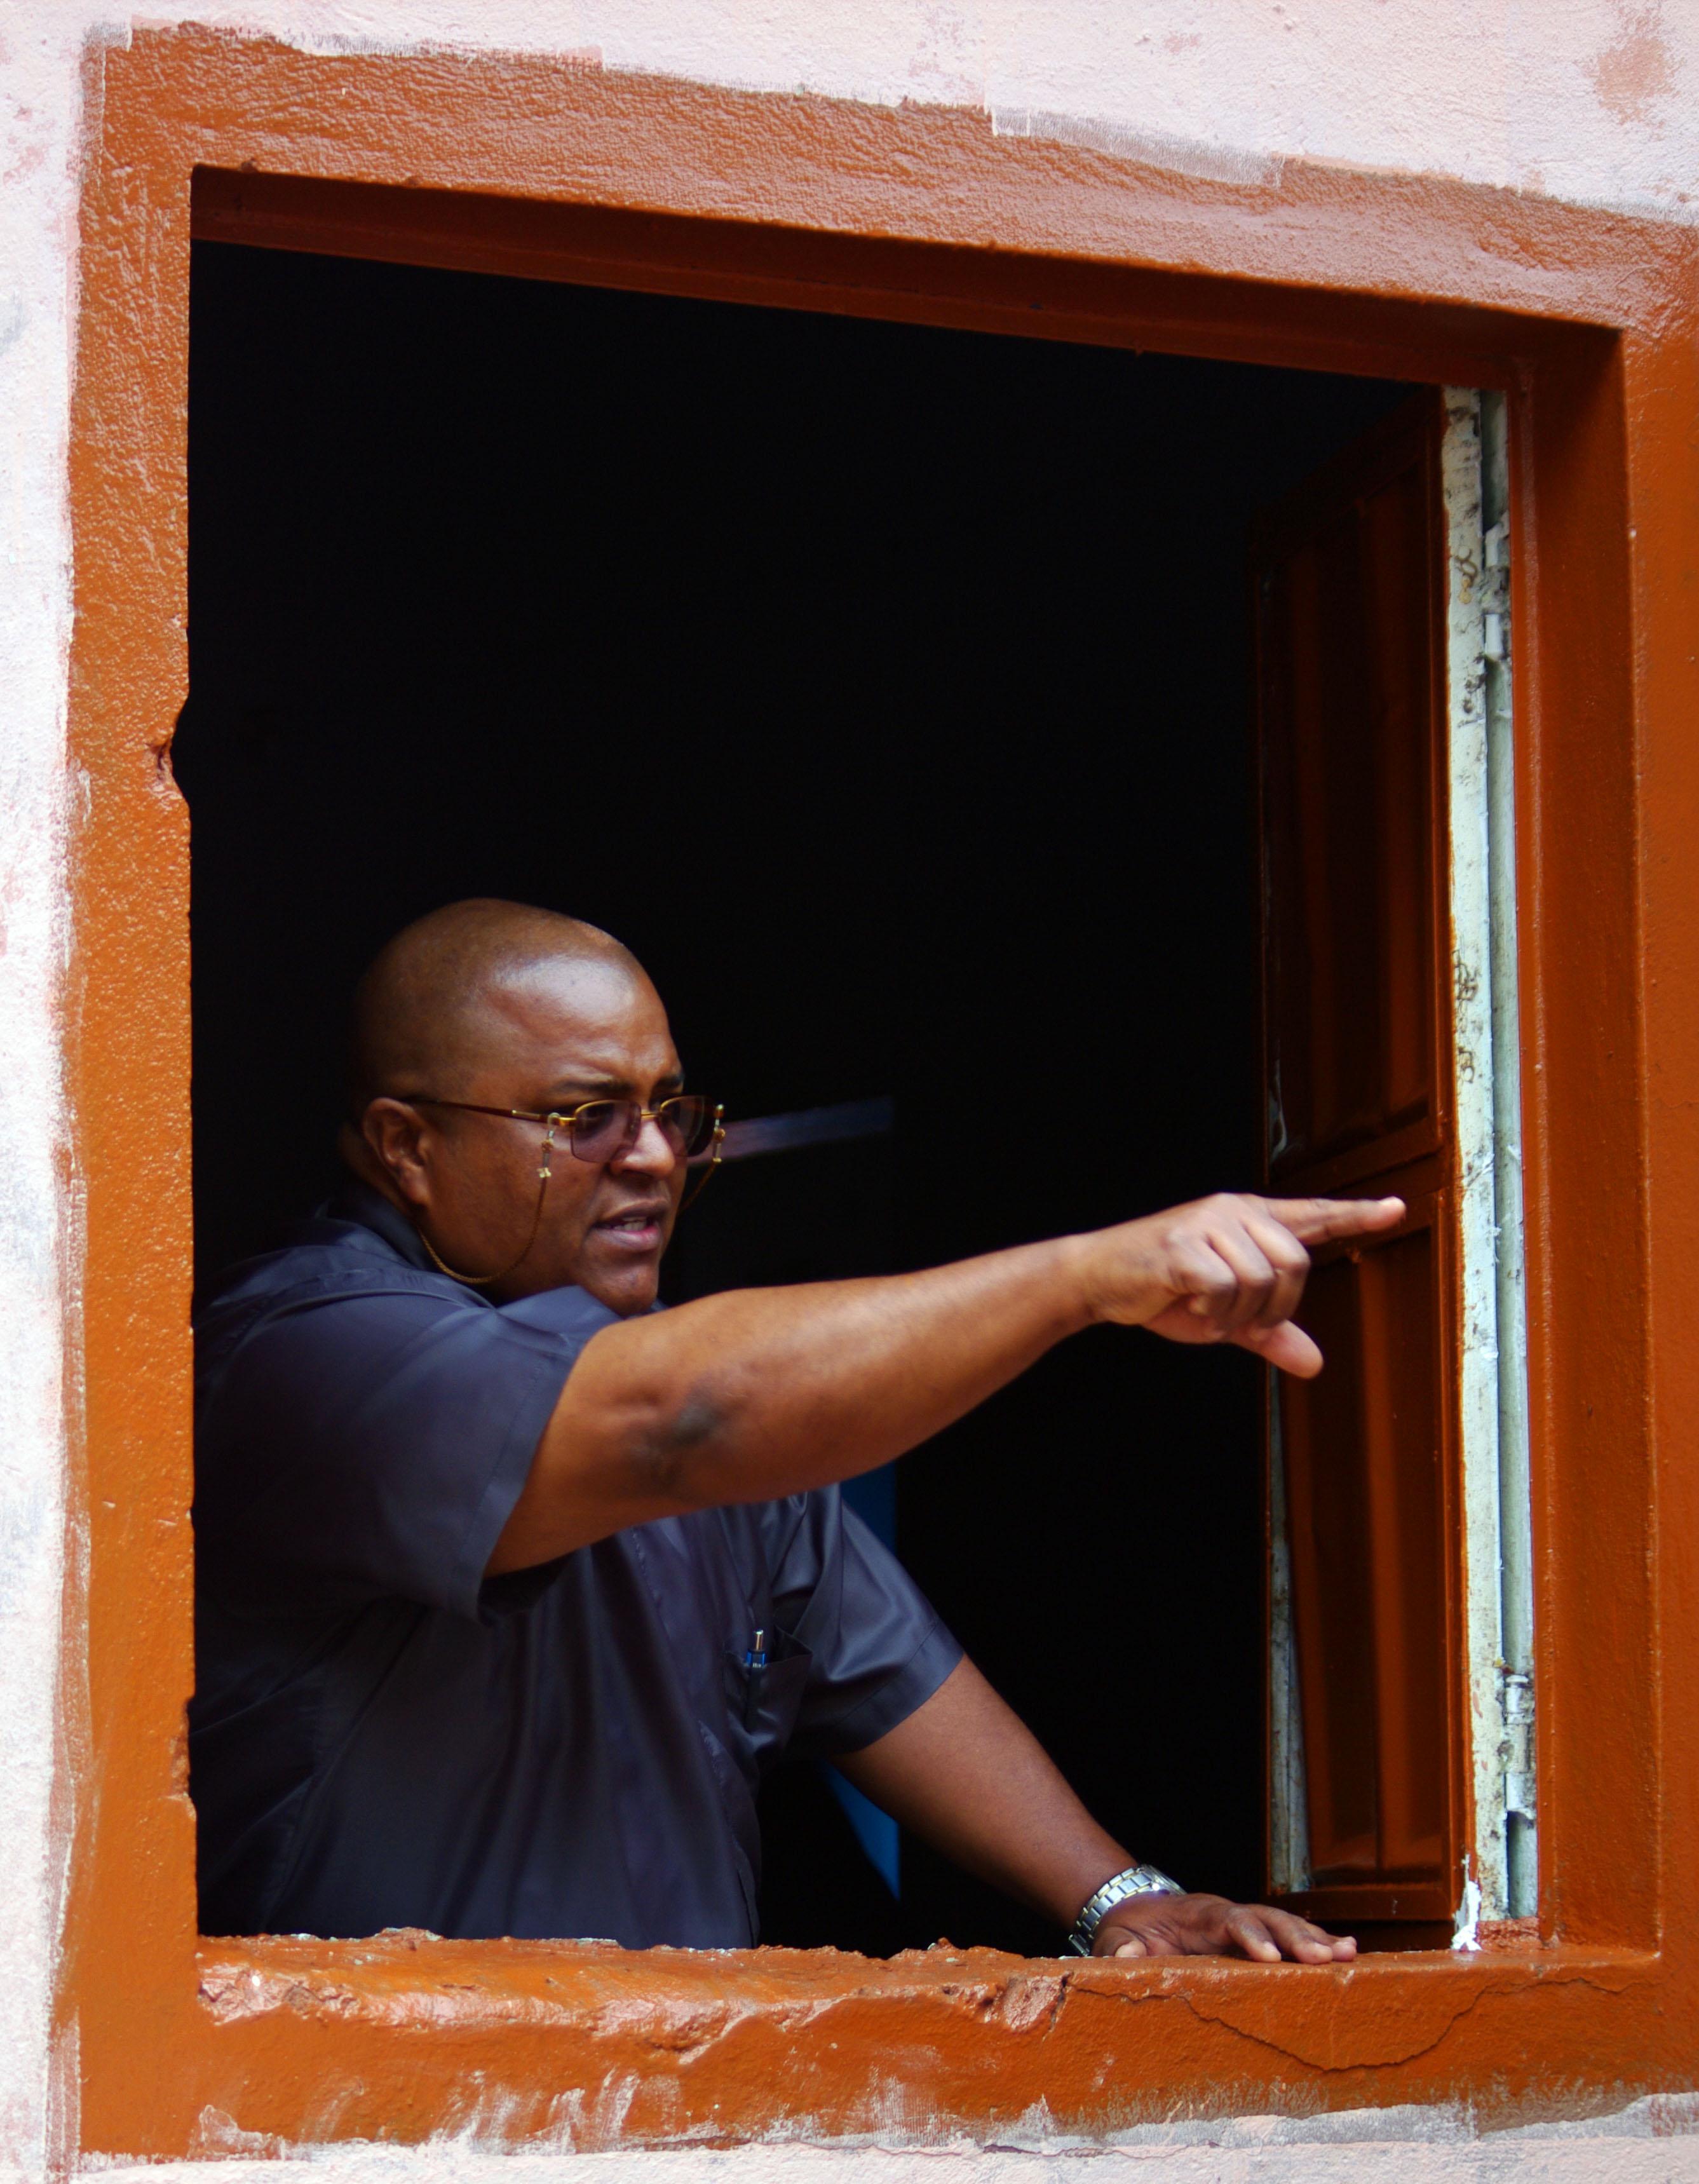 El Rev. Dr. Leonardo García es ministro ordenado de la Iglesia Metodista de Cuba, comisionado como misionero por los Ministerios Globales de La Iglesia Metodista Unida y médico internista de profesión. Foto: Rev. Gustavo Vasquez, Noticias MU.